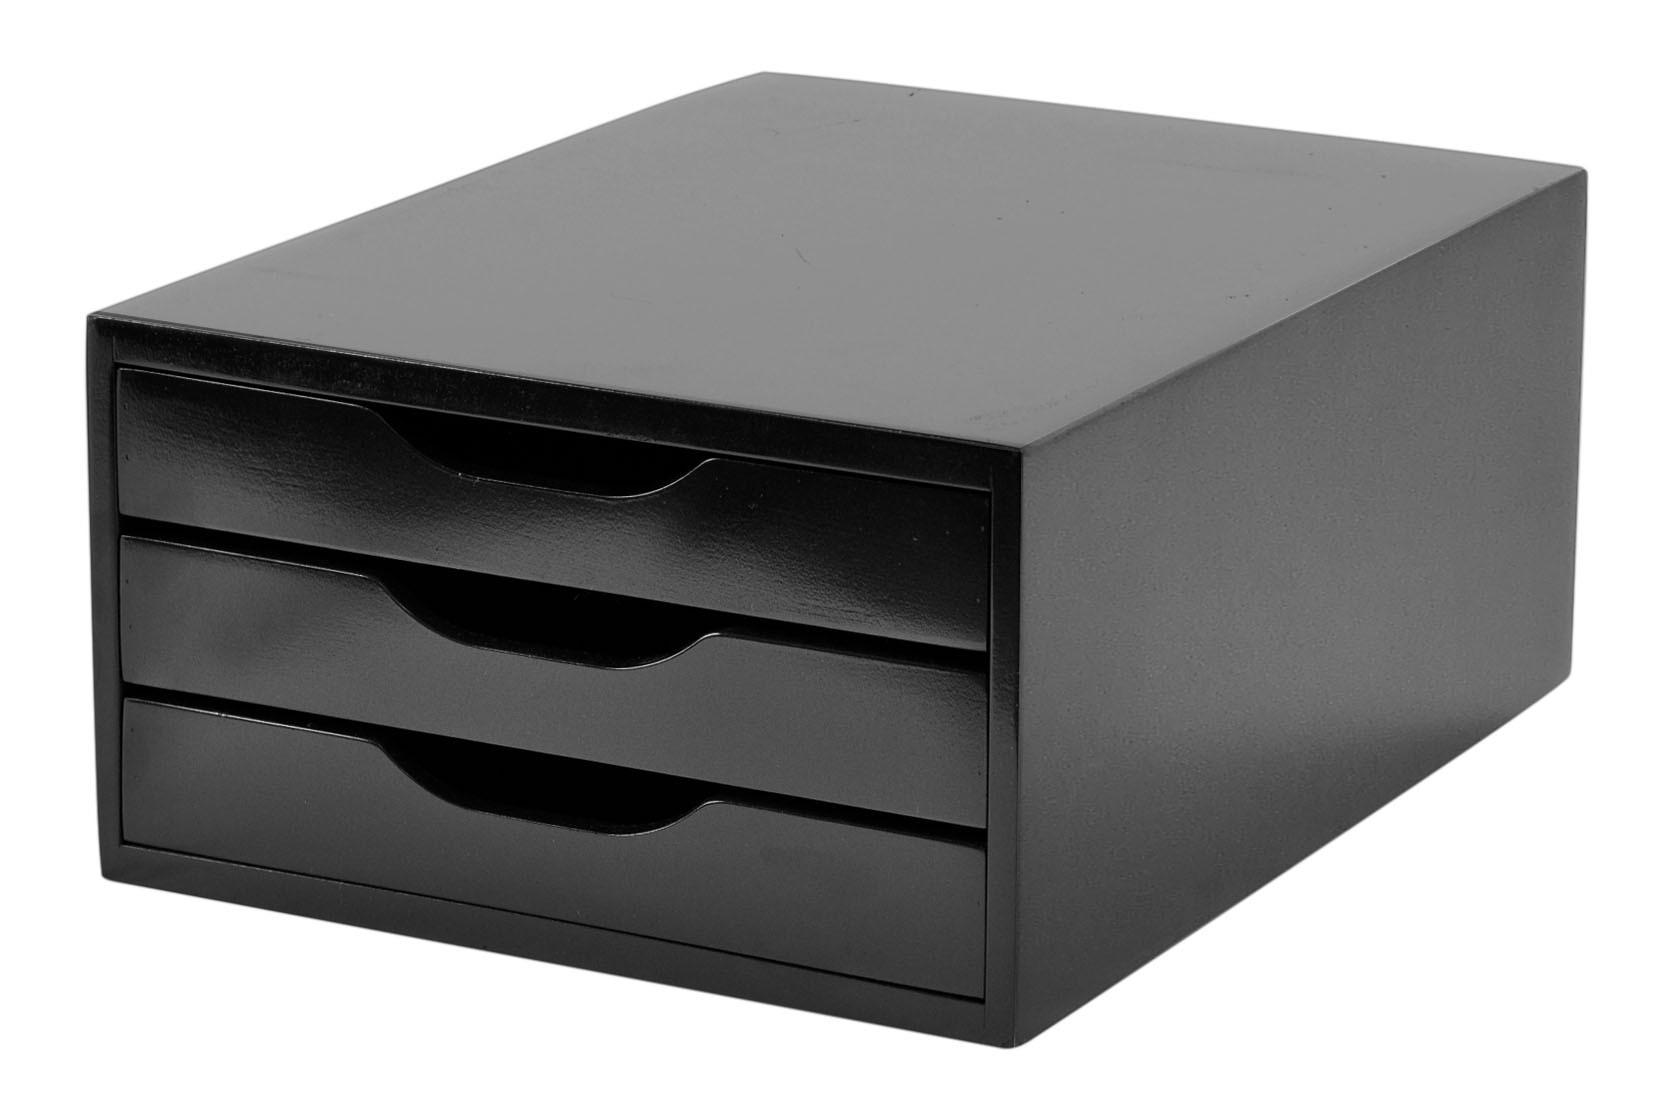 Caixa Arquivo Gaveteiro Em MDF Black Piano Com 3 Gavetas Black Piano Referência 3362 SOUZA